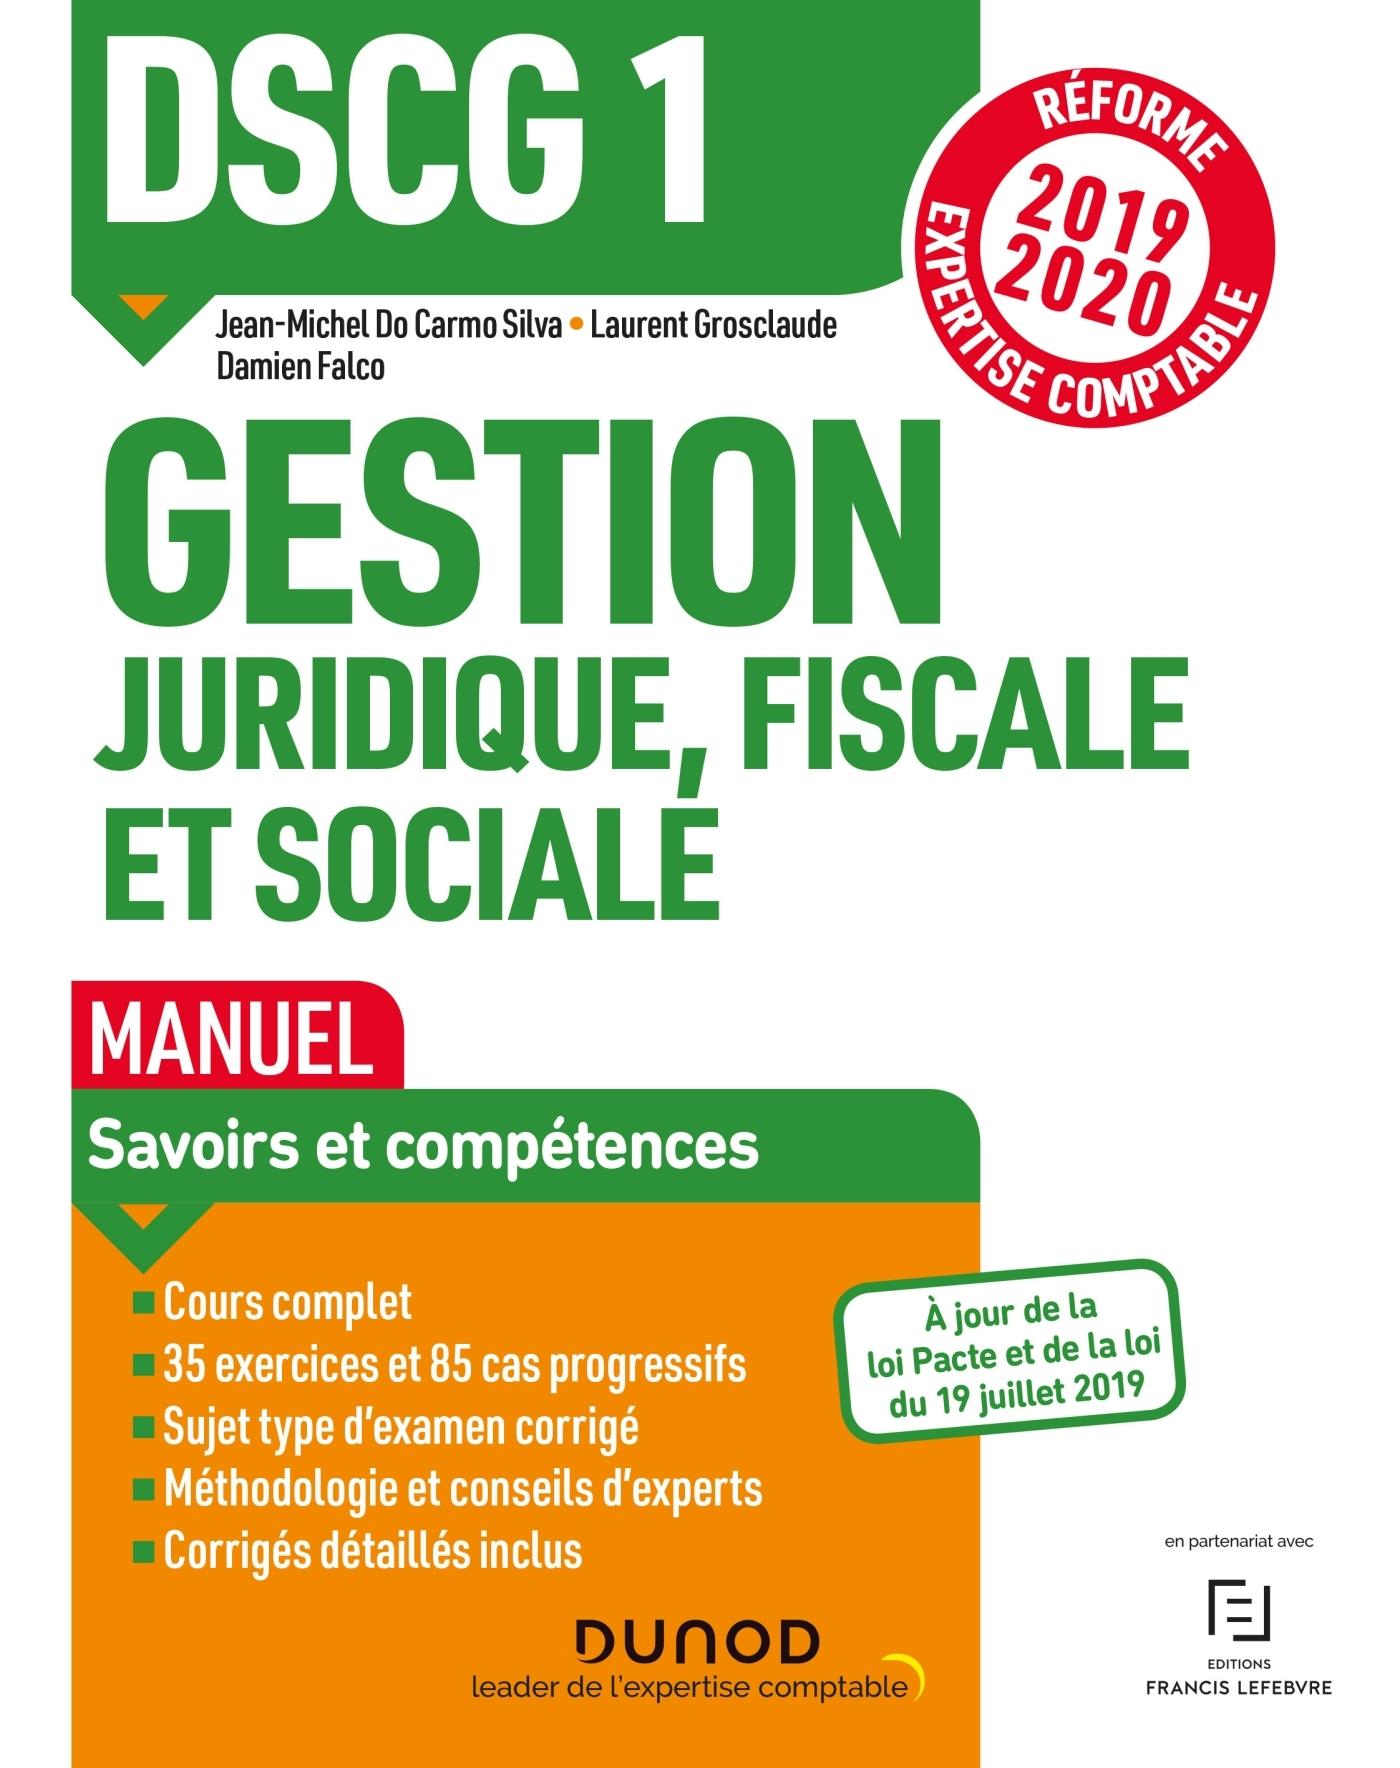 DSCG1 GESTION JURIDIQUE, FISCALE ET SOCIALE - MANUEL - REFORME 2019-2020 - REFORME EXPERTISE COMPTAB